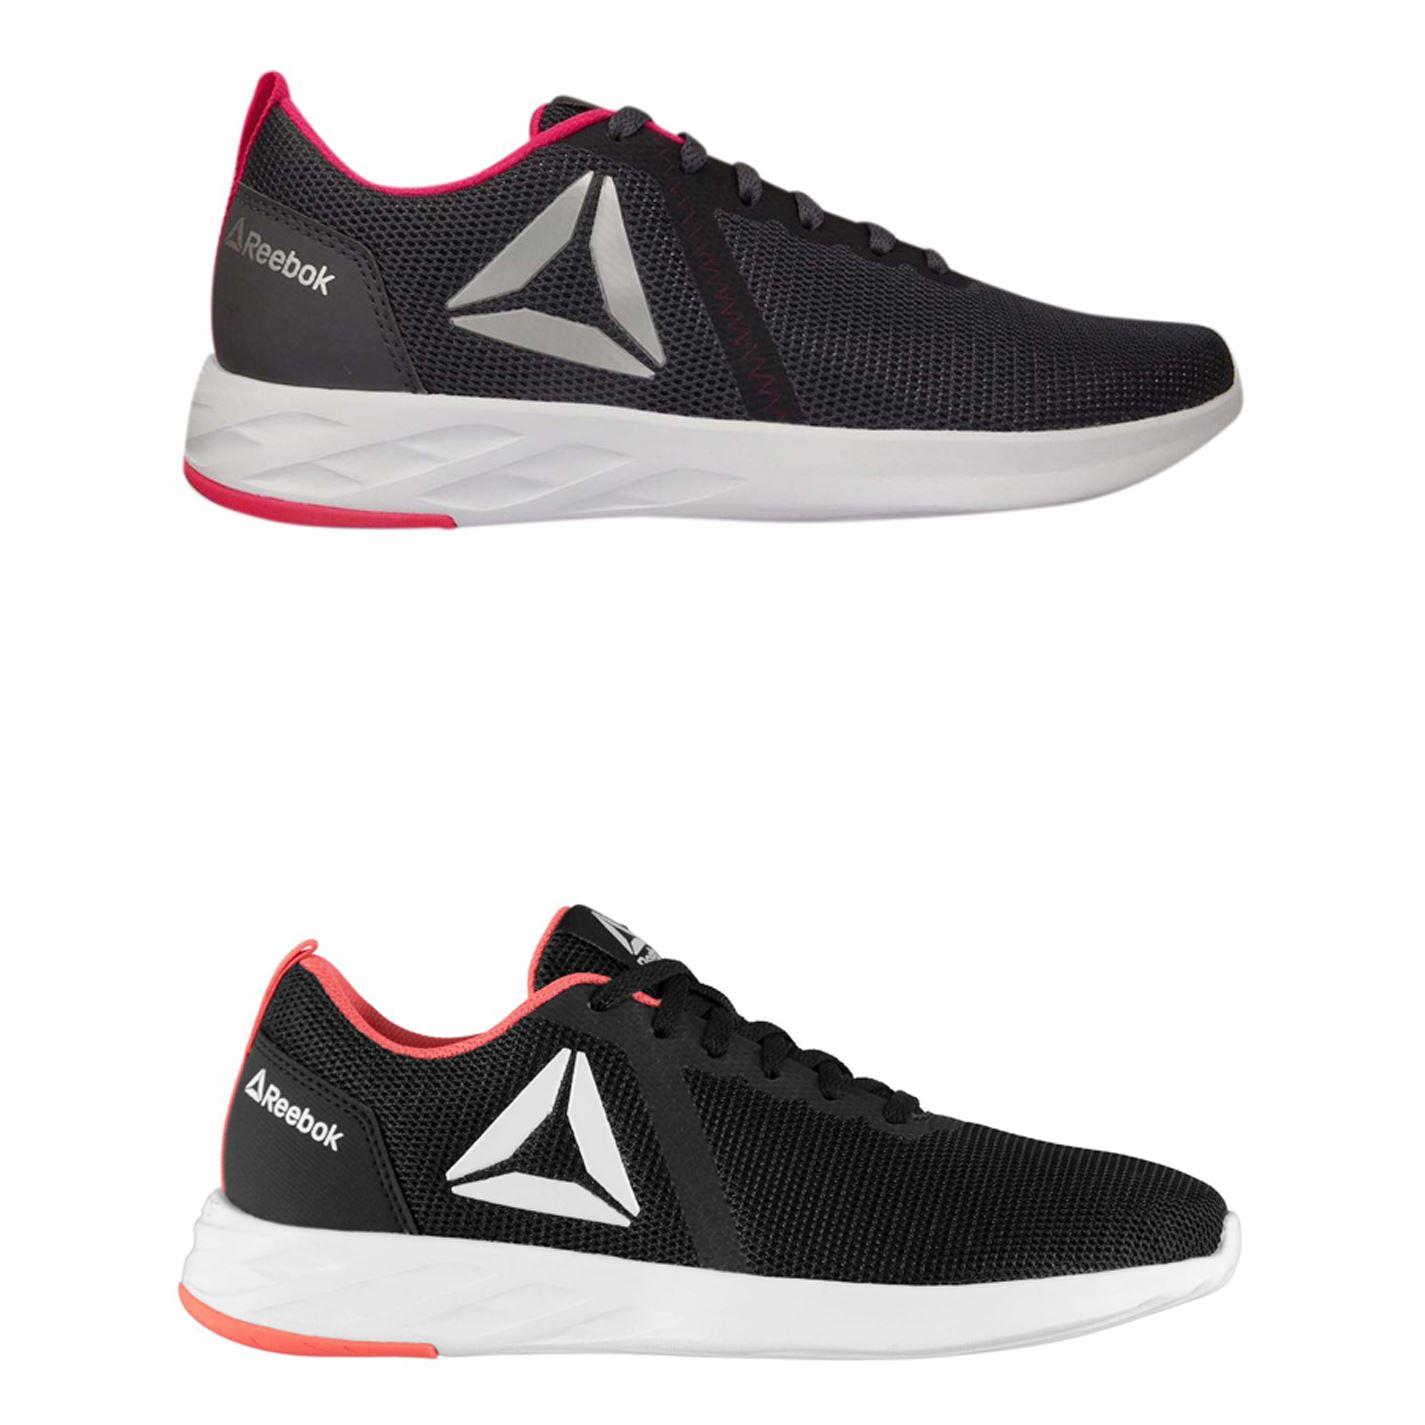 reebok training shoes womens